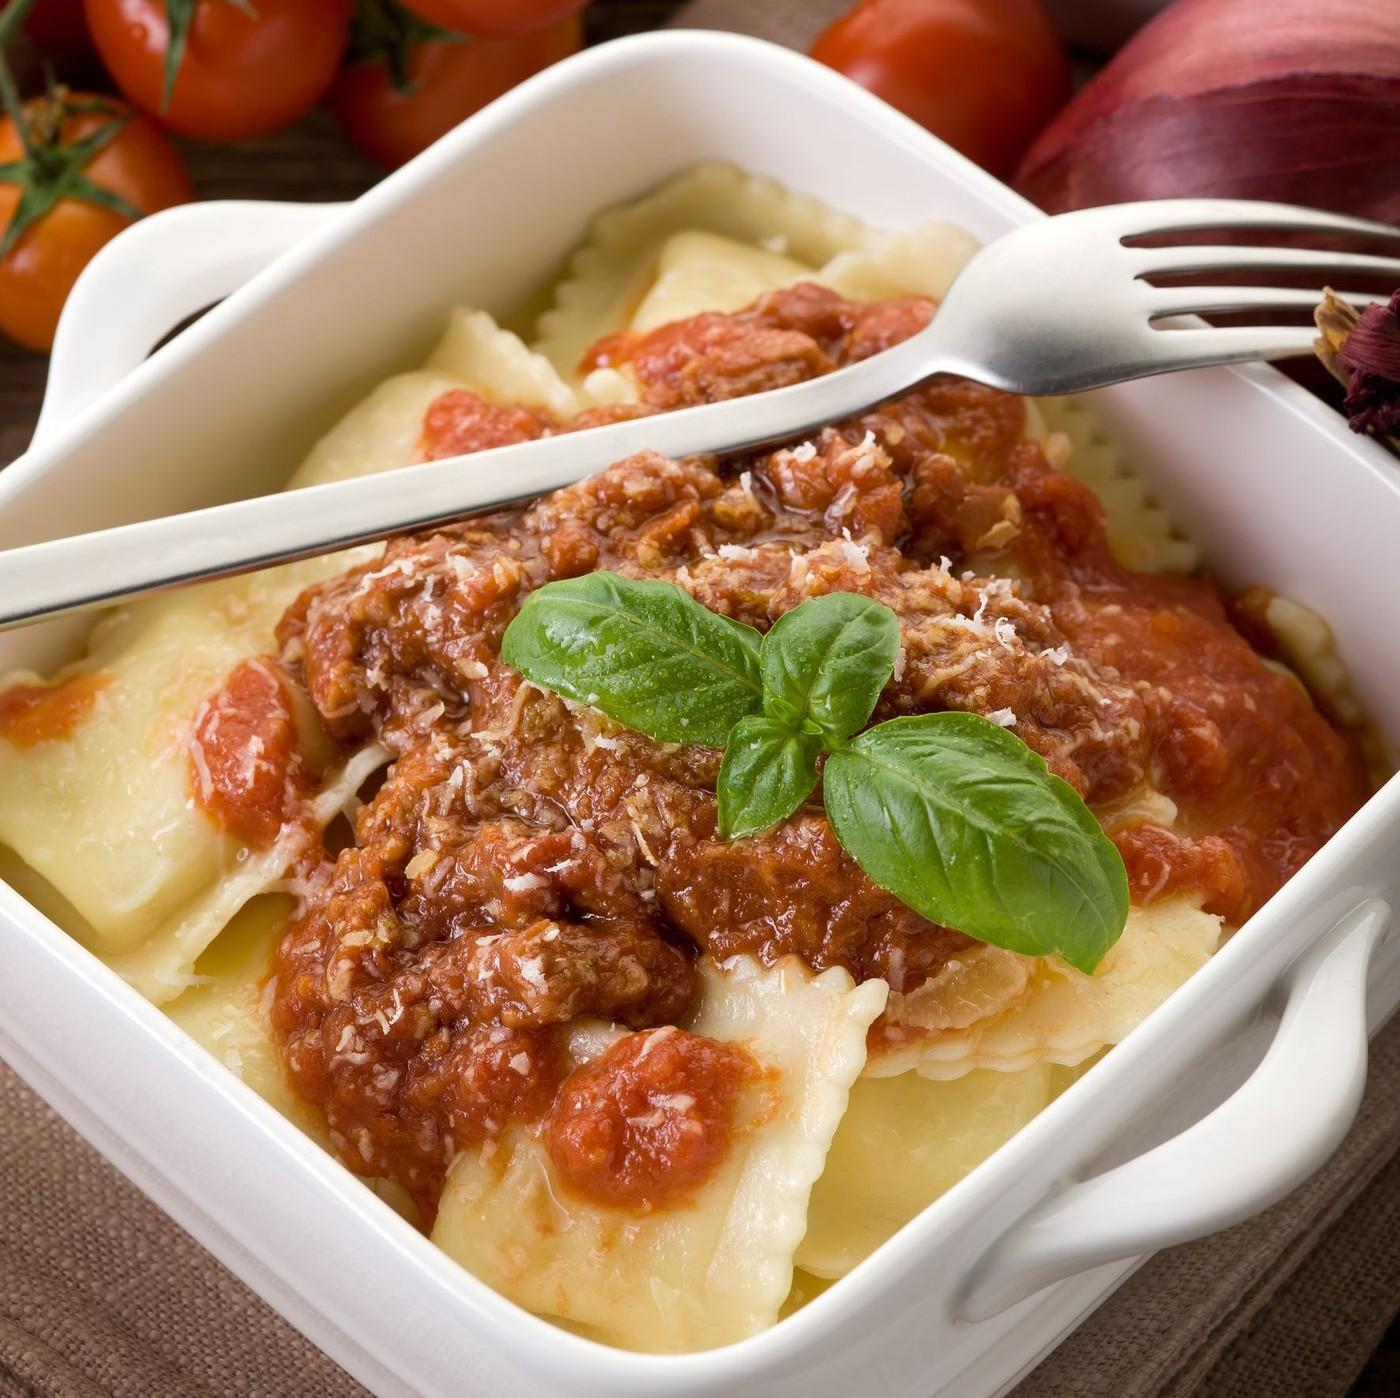 receta de Ravioli Al Bue Precocido